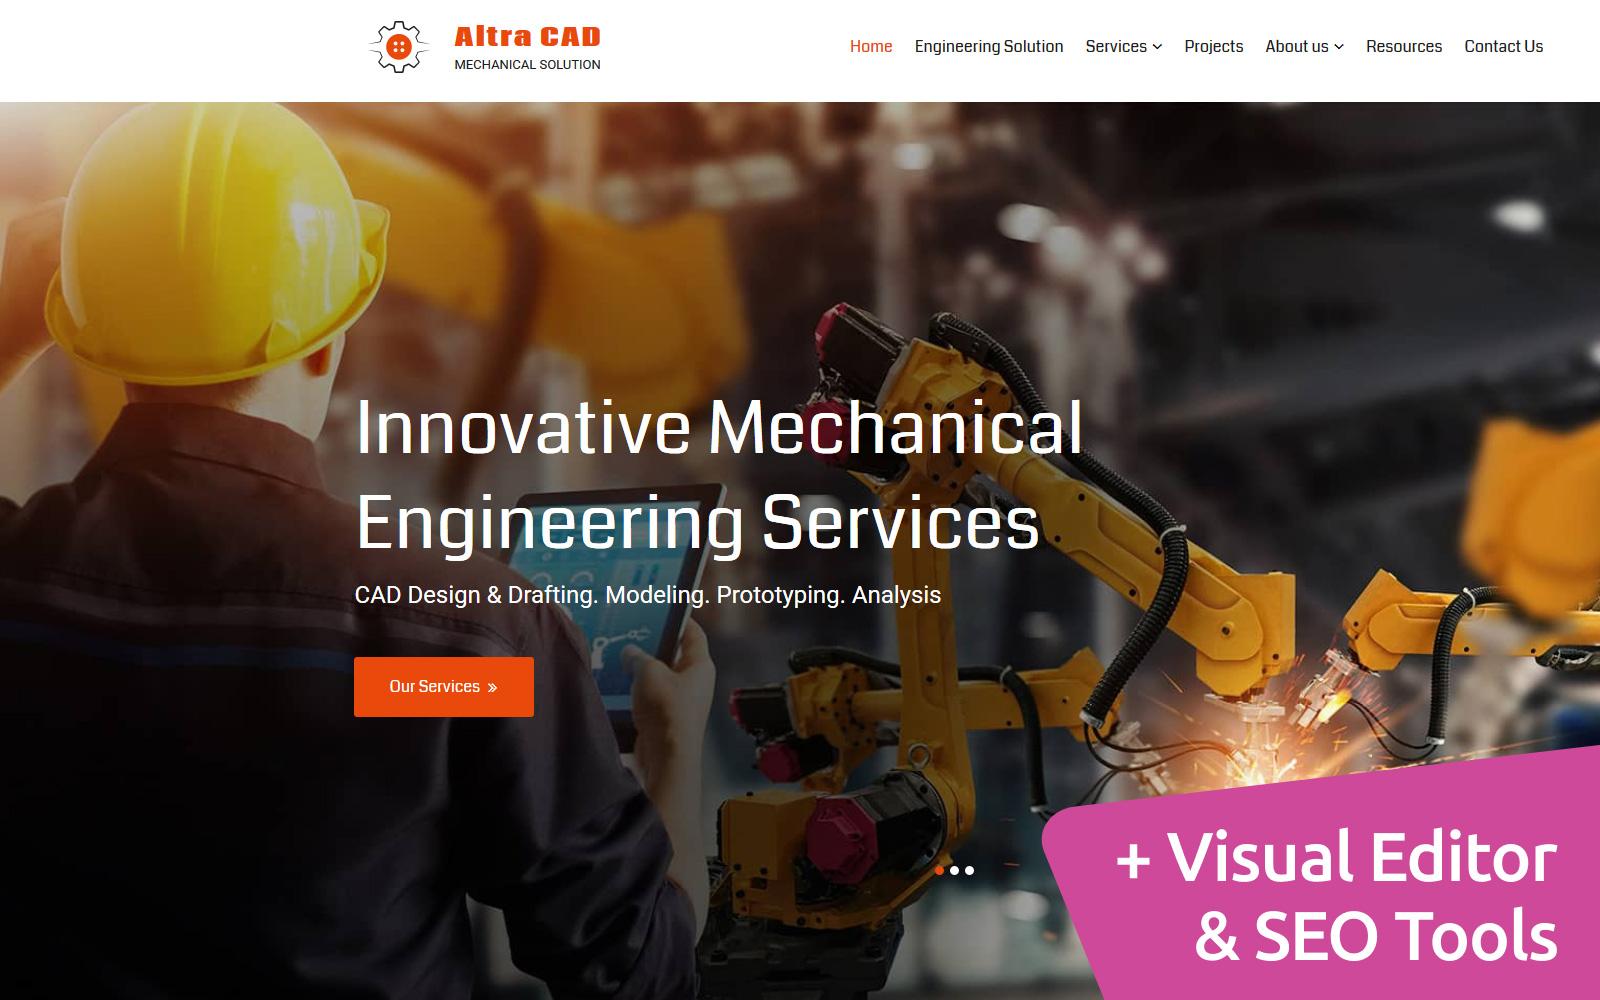 Responsive Altra CAD - Mechanical Solution Moto Cms 3 #106468